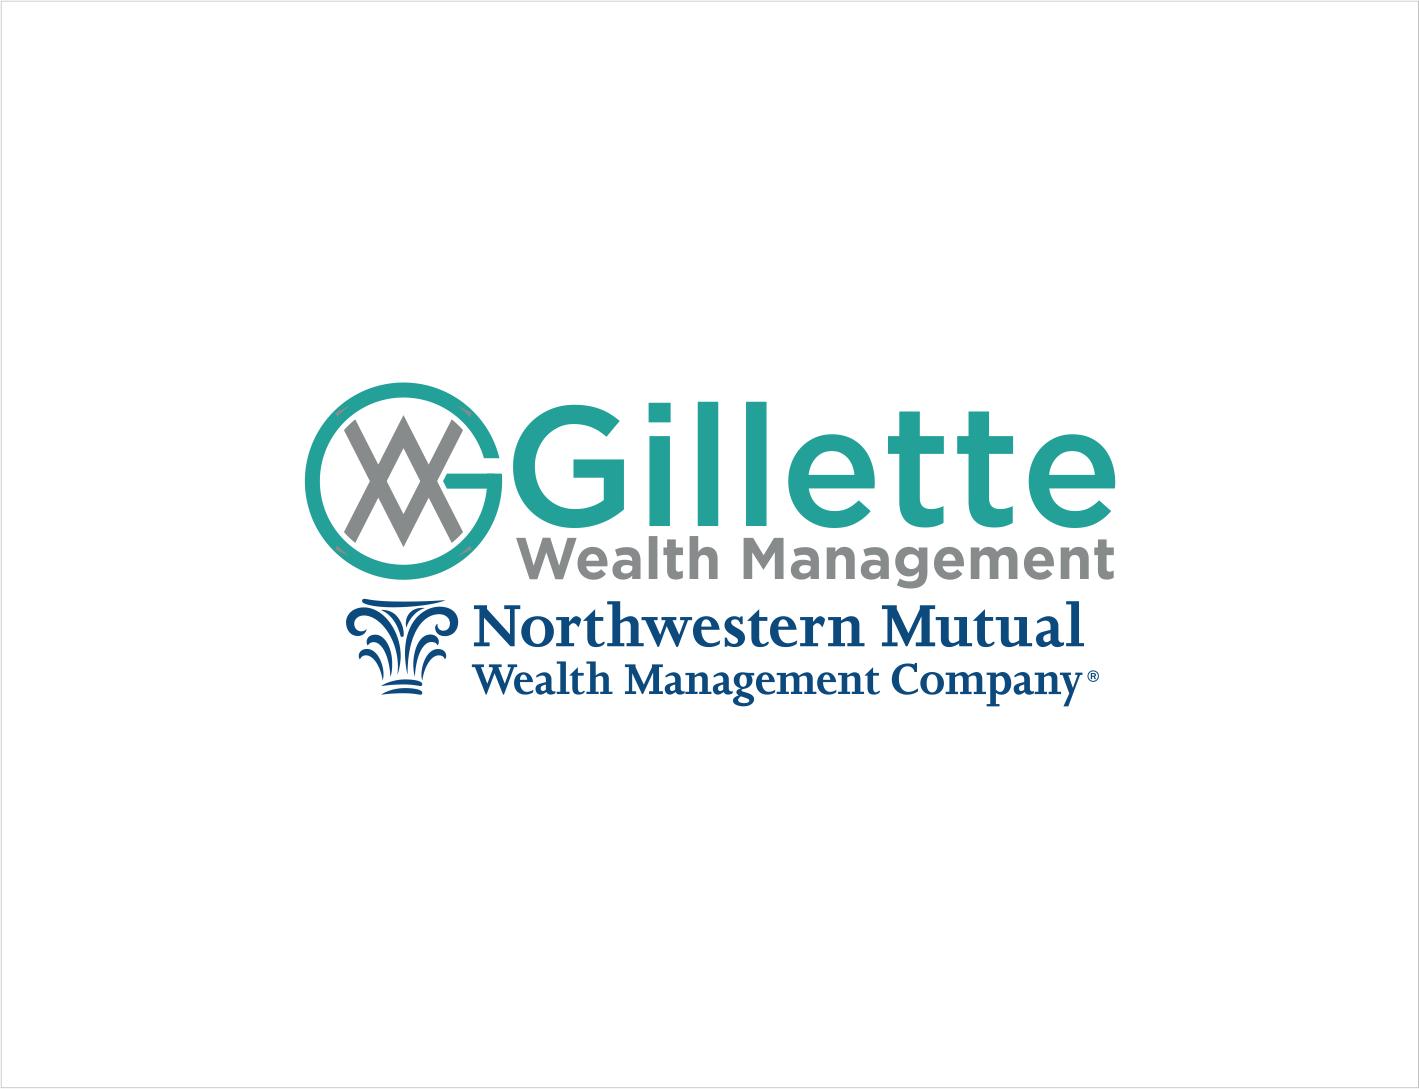 Elegant Playful Logo Design For Gillette Wealth Management